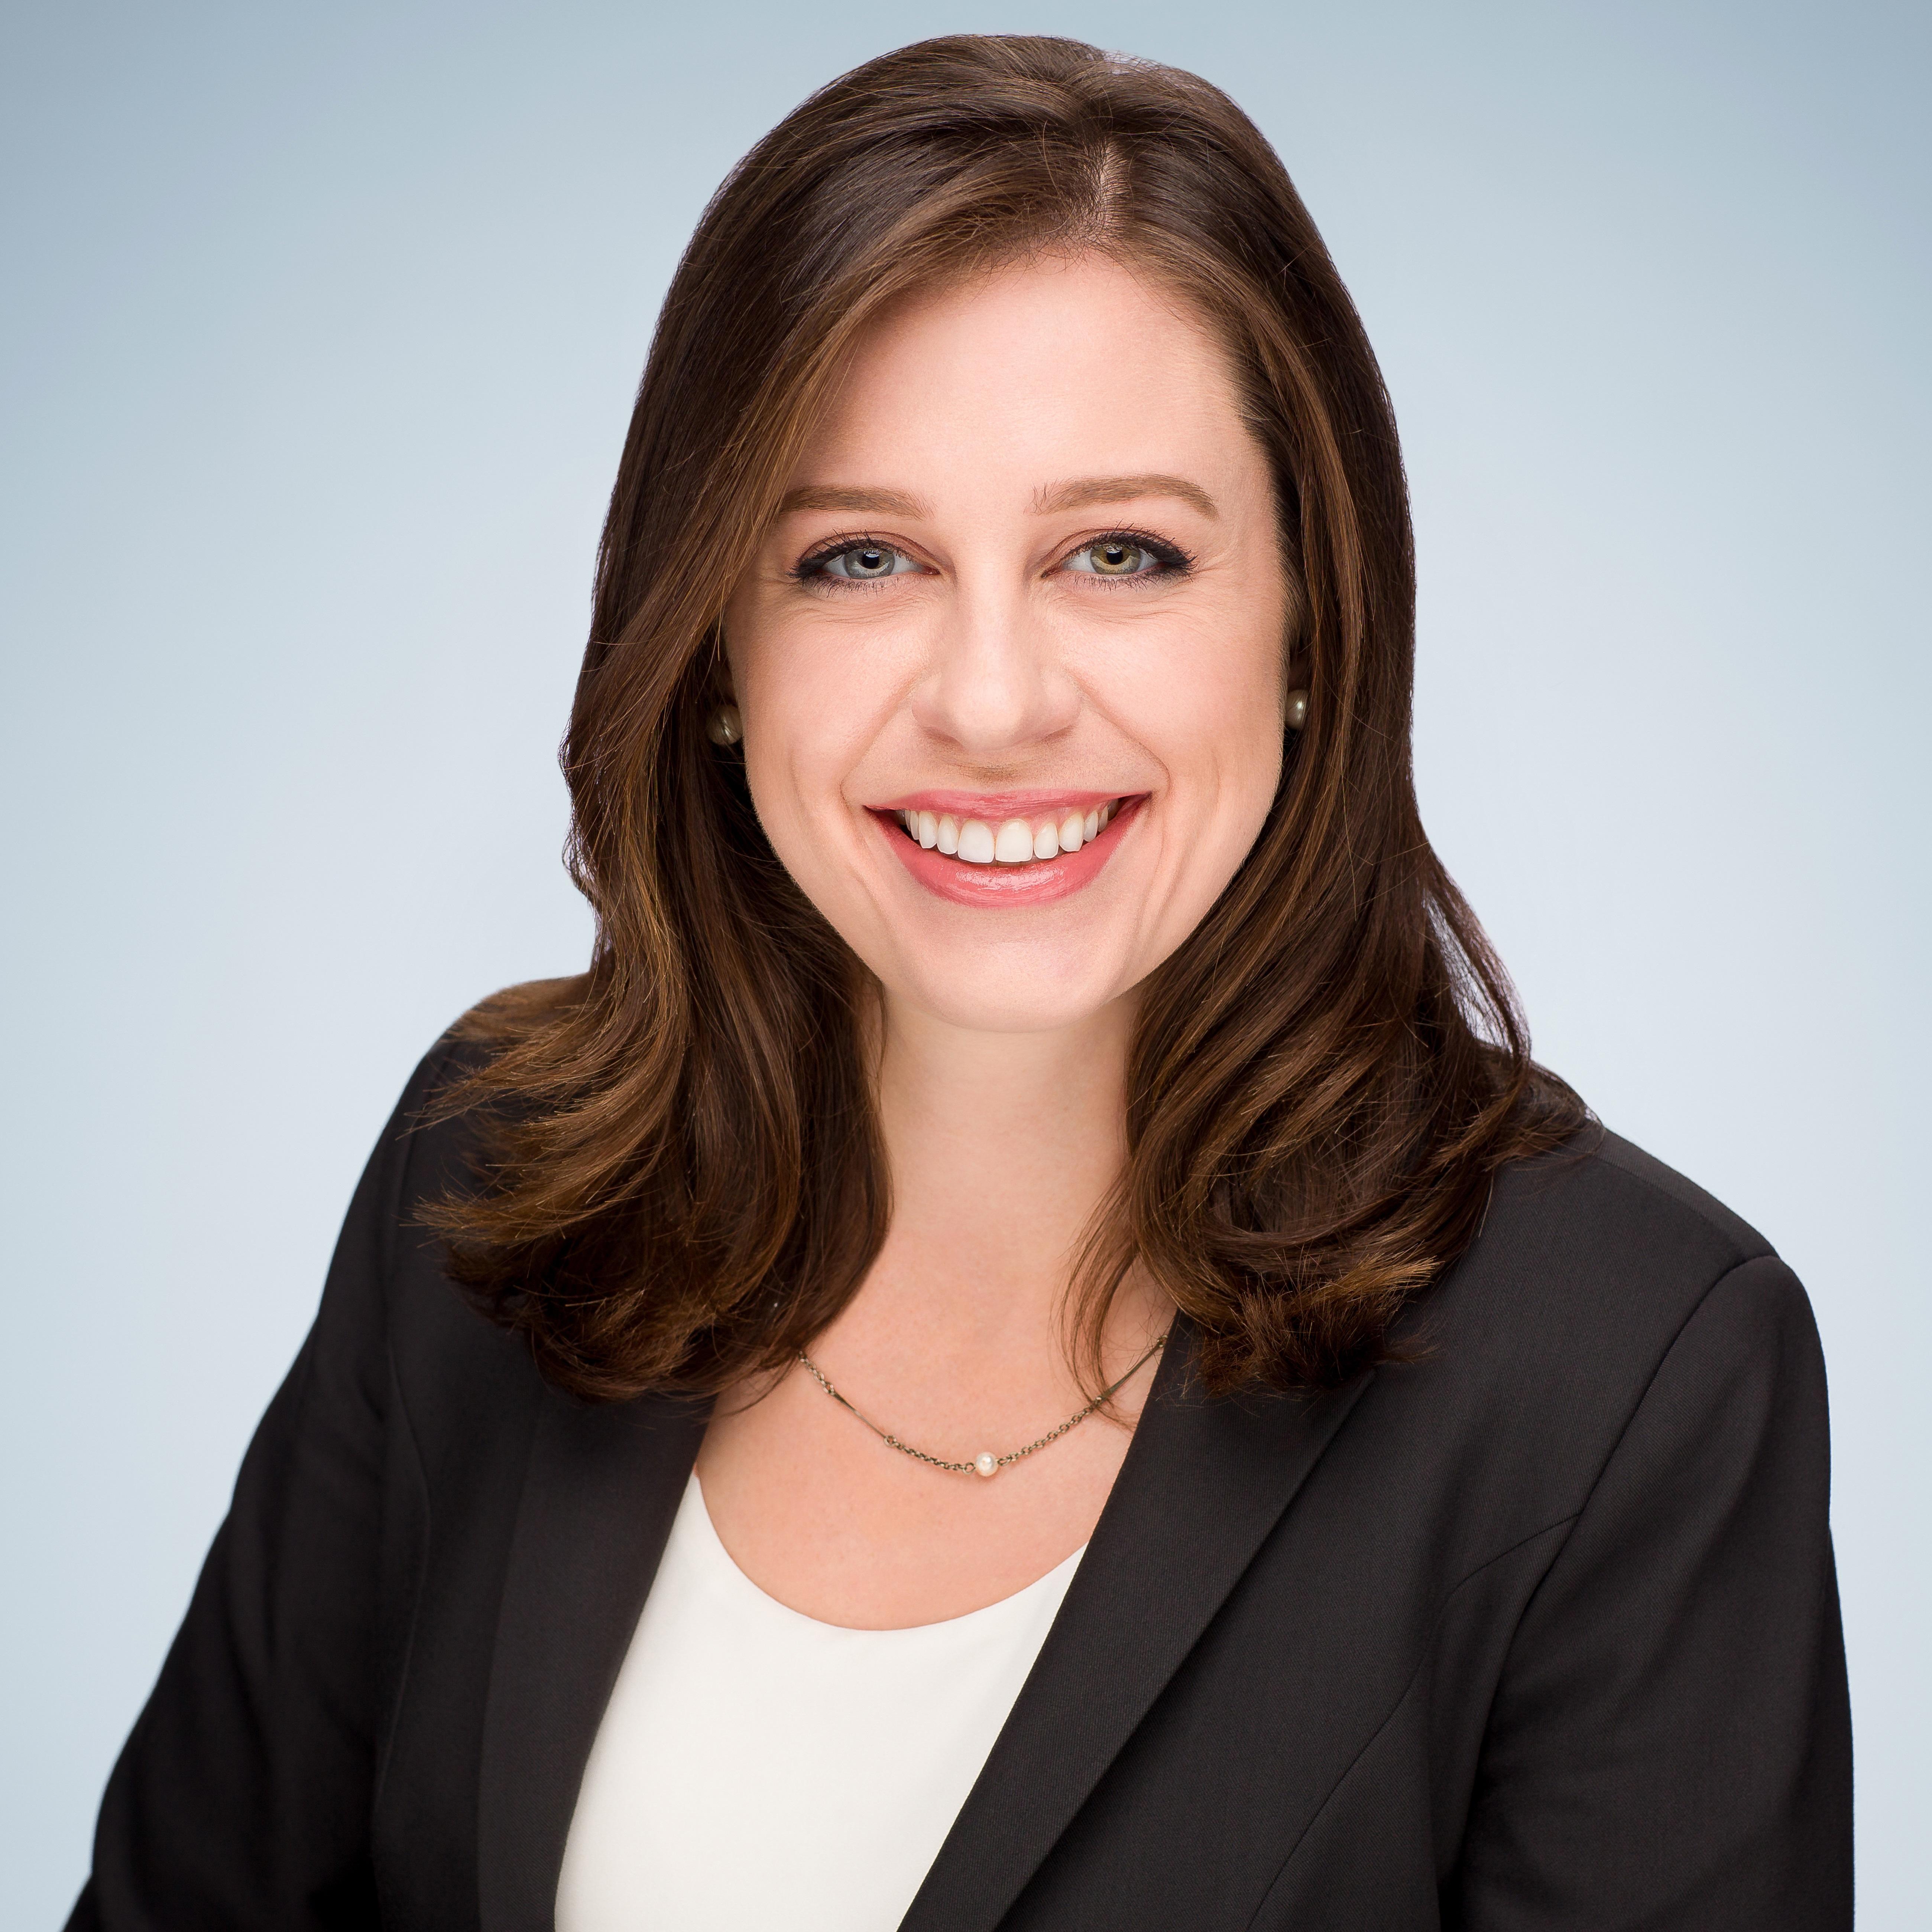 Megan John